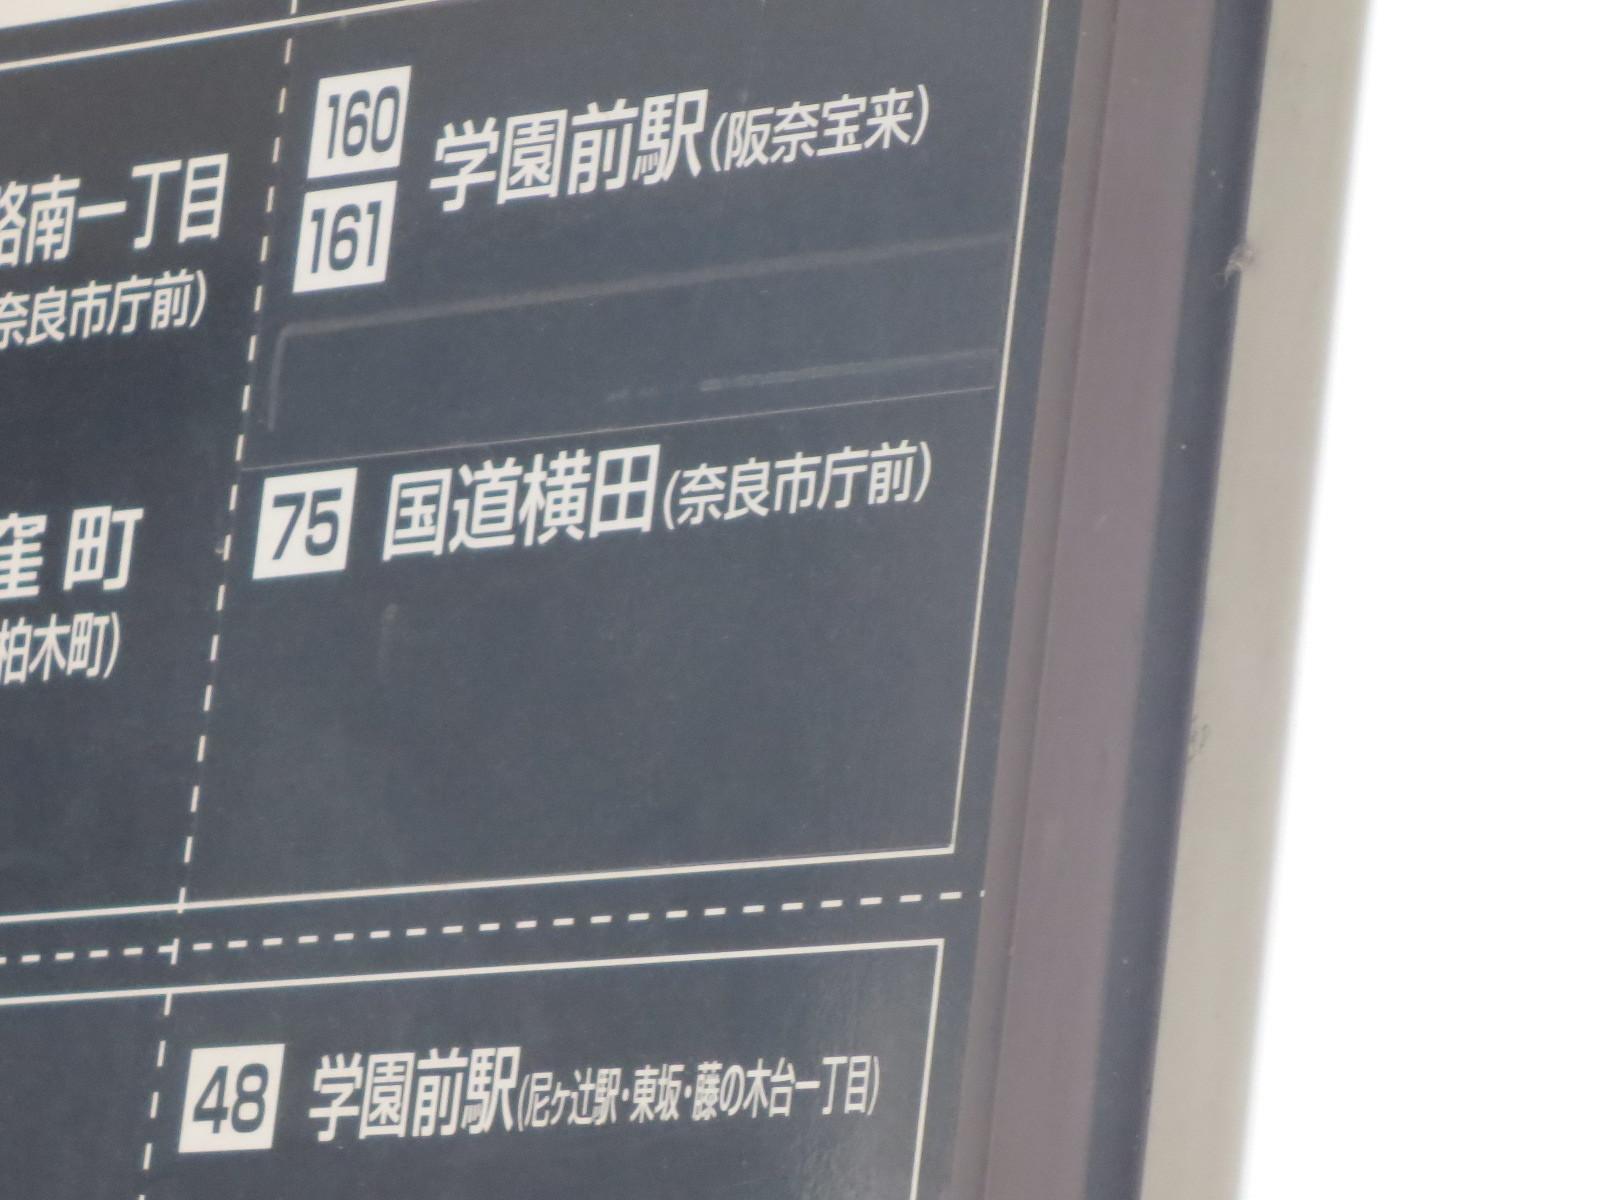 シューイチバスのお誘い_c0001670_20125119.jpg